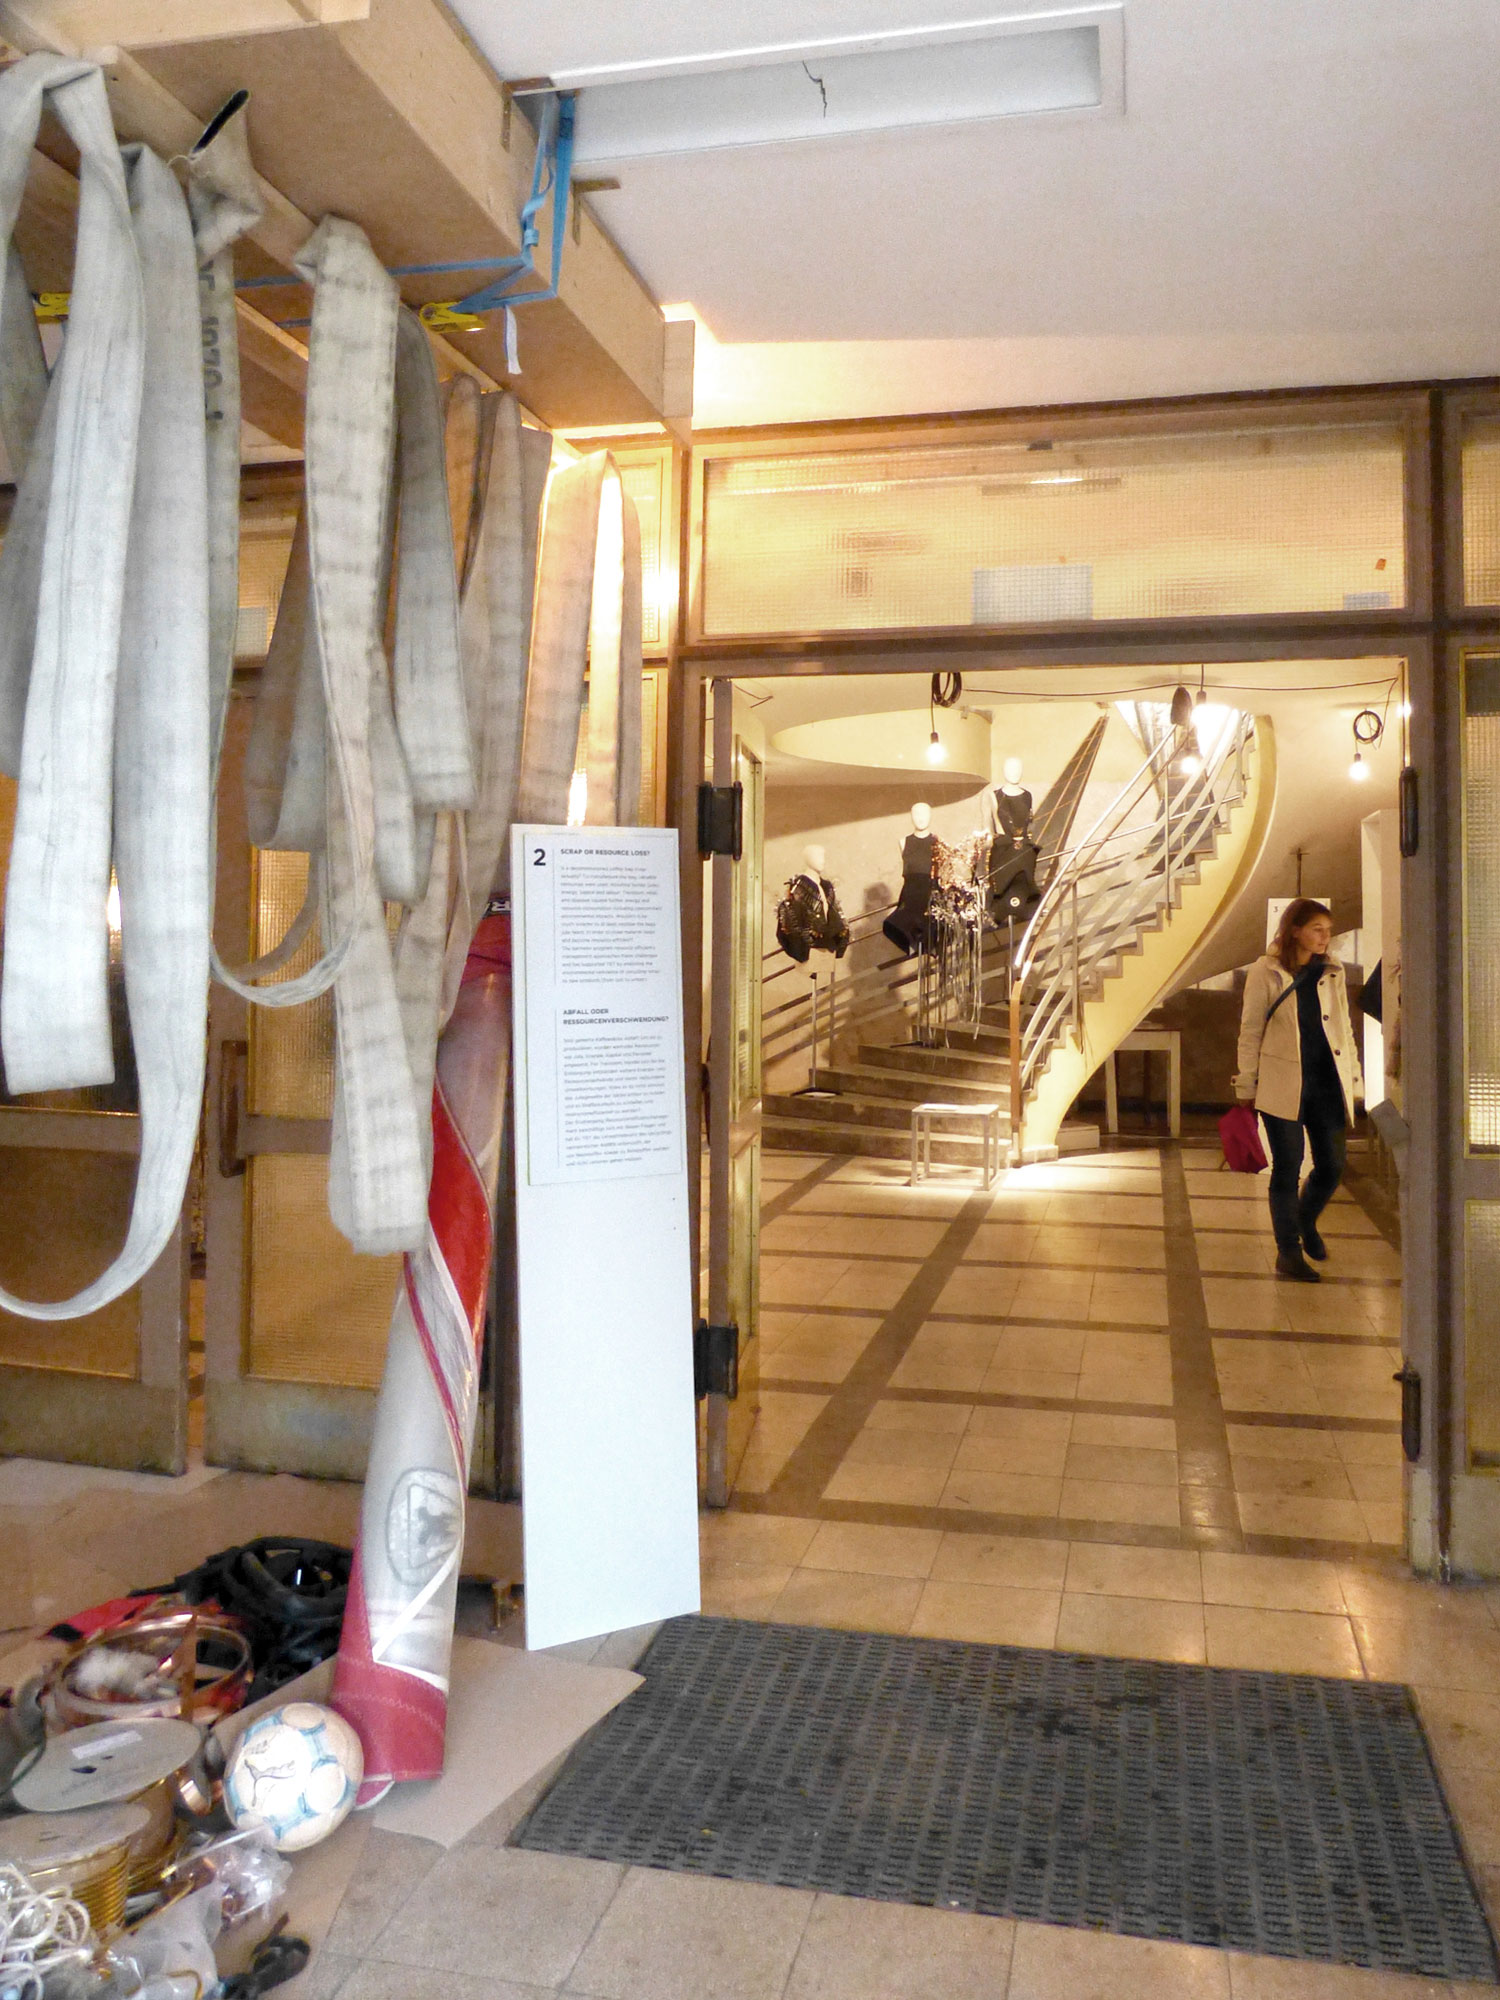 gerrit_schweiger-Young-European-Talents-Workshop-Exhibition-2013-Ressourcen-Effizienz-Management-FoyerREM3